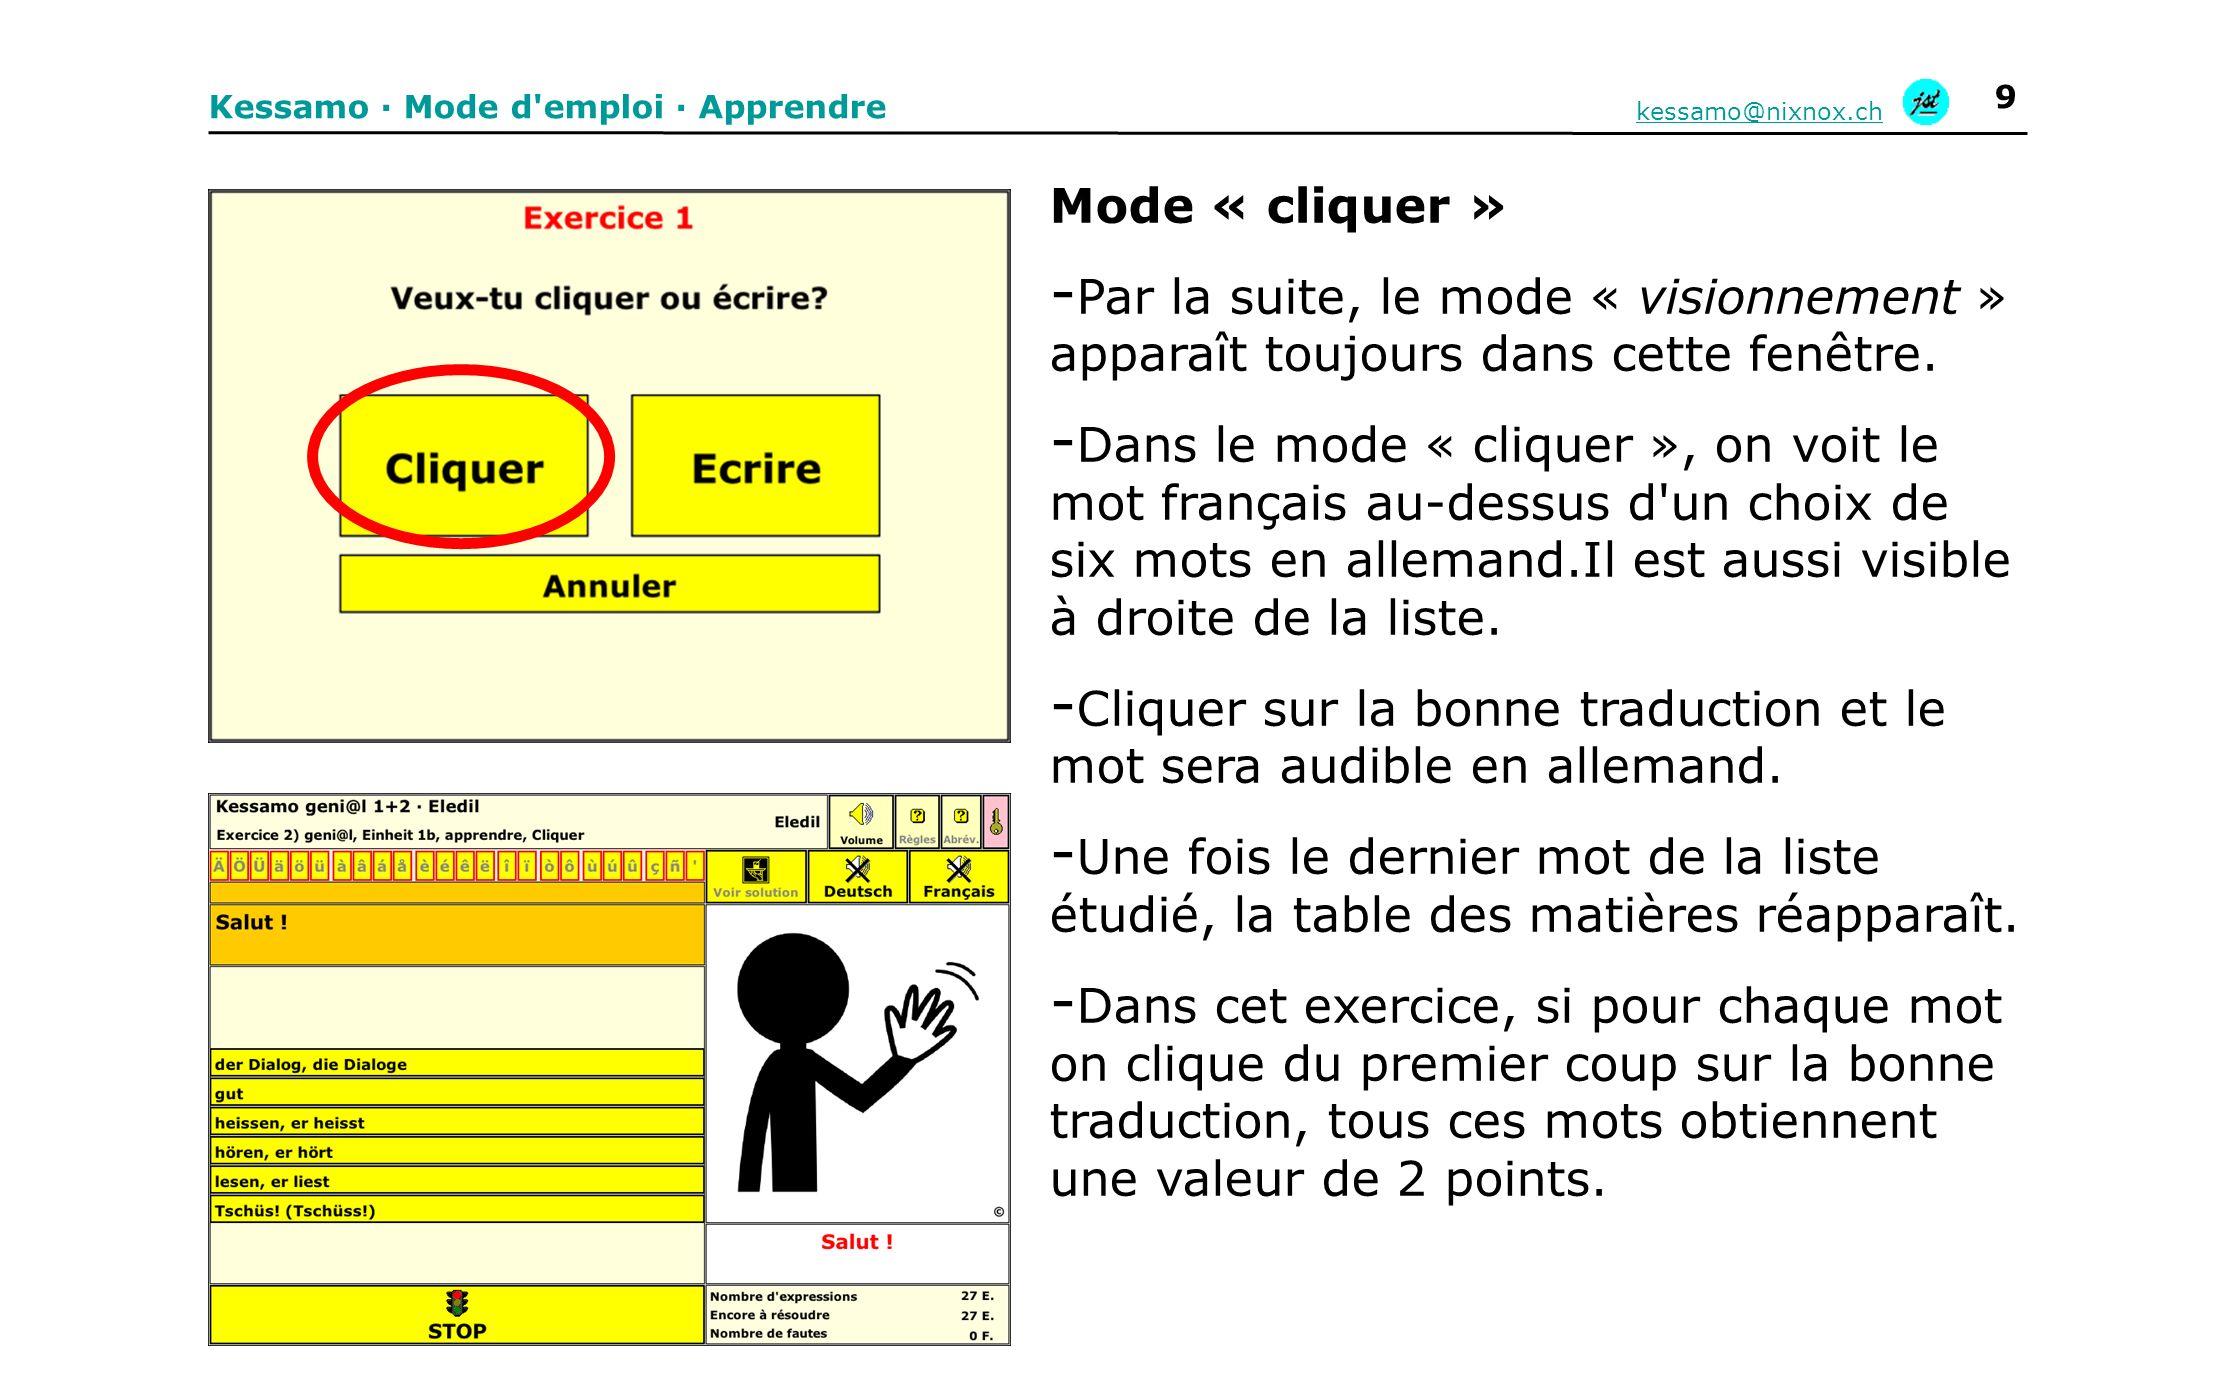 Kessamo · Mode d'emploi · Apprendre kessamo@nixnox.ch 9 Mode « cliquer » - Par la suite, le mode « visionnement » apparaît toujours dans cette fenêtre